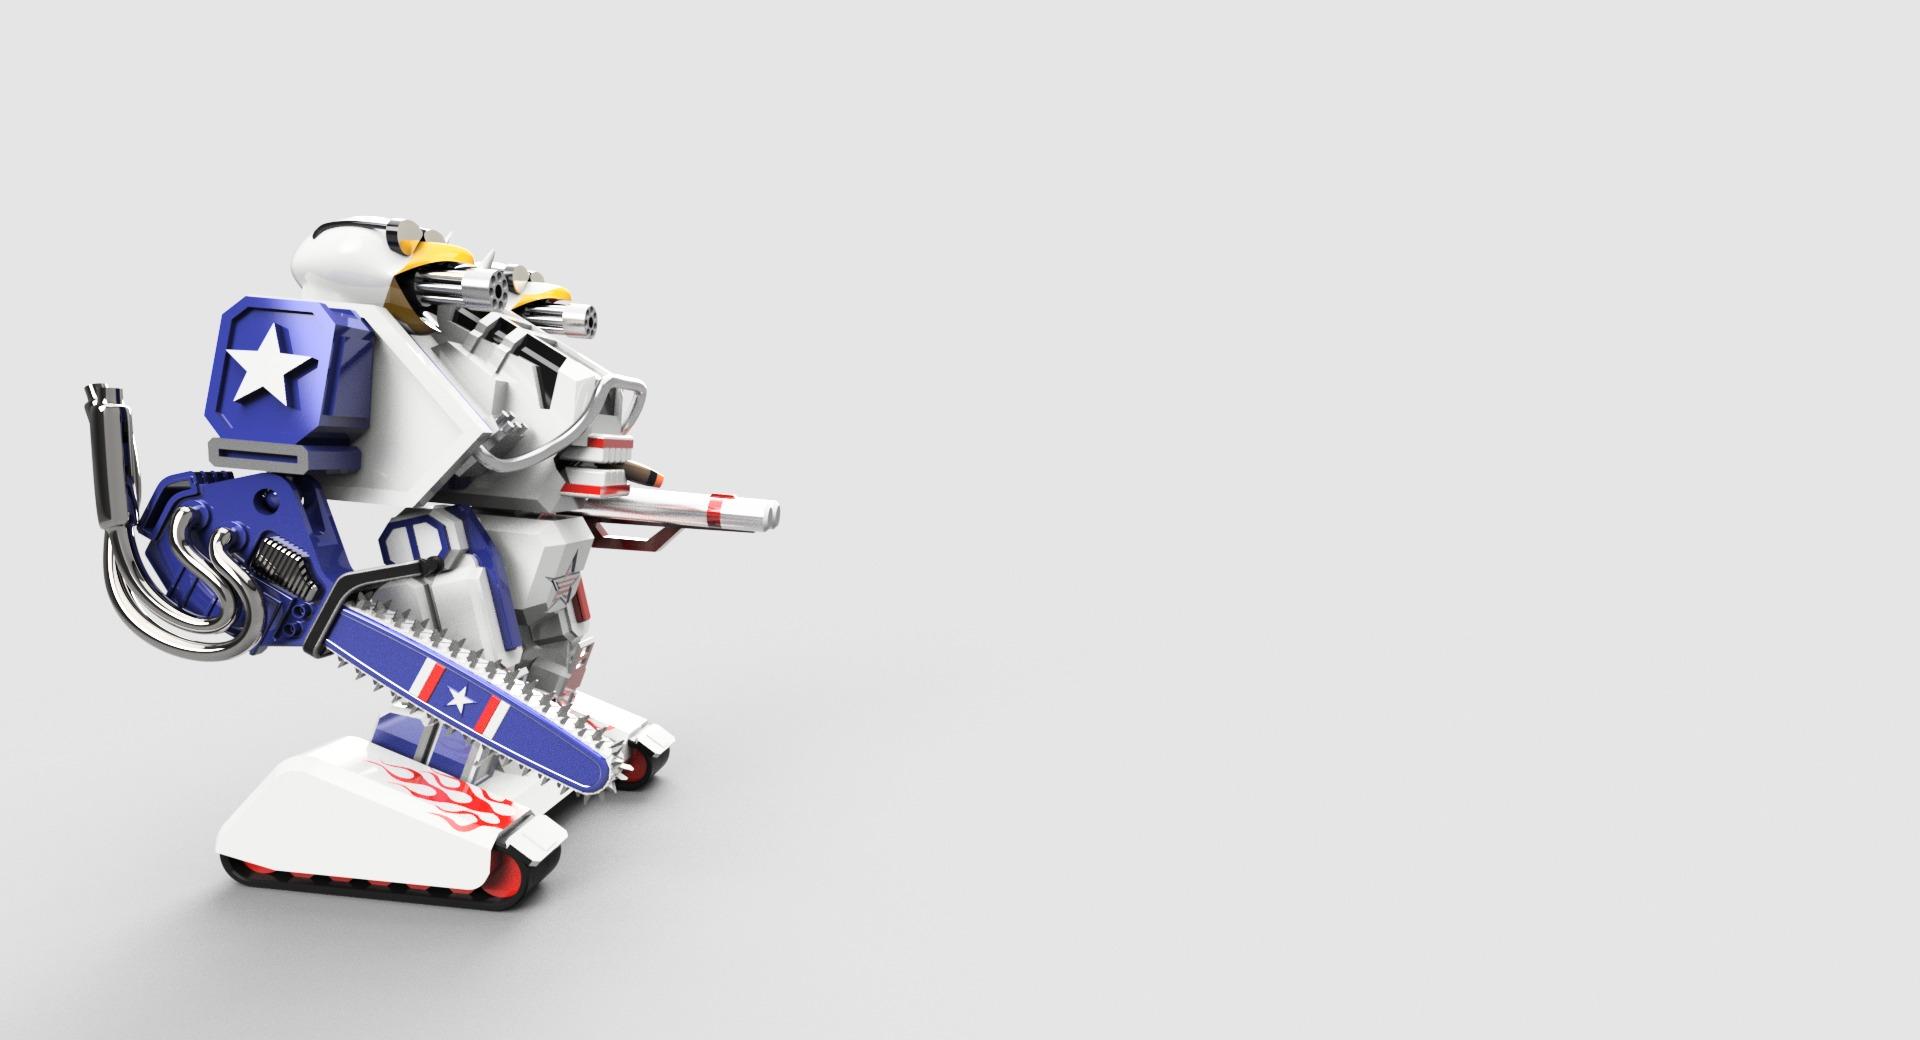 Megabot_action_figure_2015-aug-18_05-50-18am-000_customizedview5079120